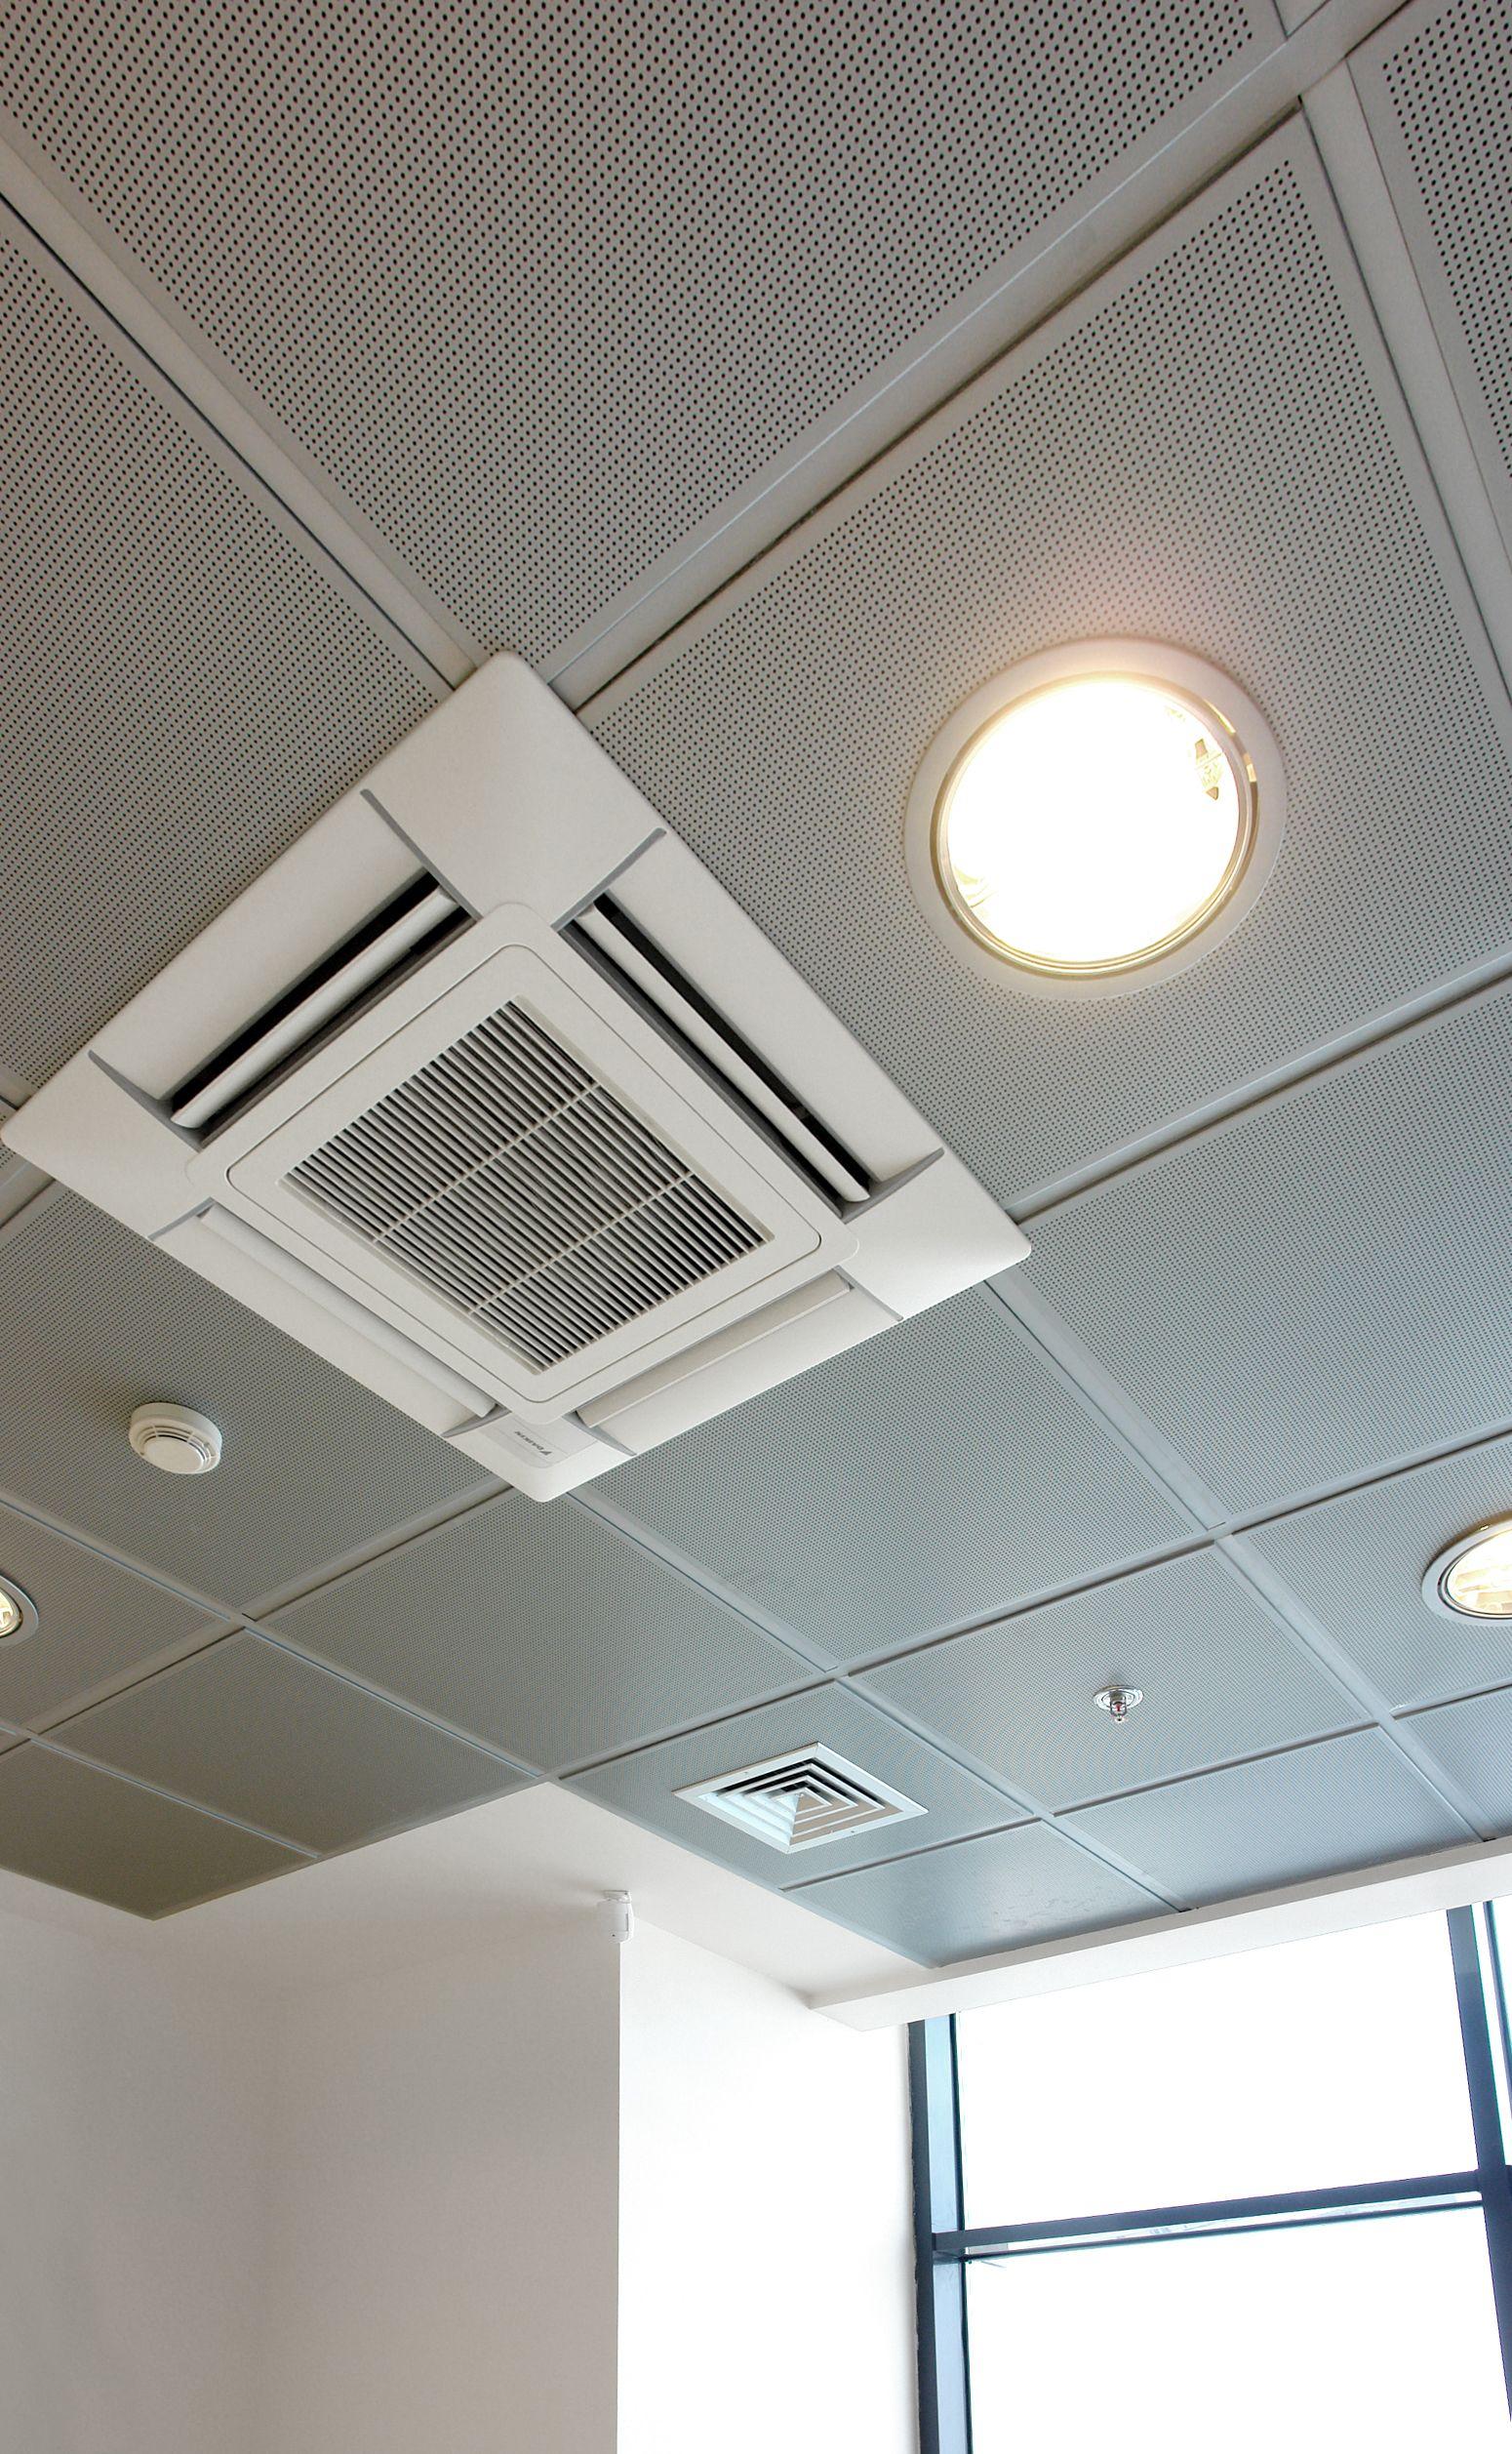 Metallic perforated false ceilings air conditioning interior metallic perforated false ceilings air conditioning interior lighting dailygadgetfo Images